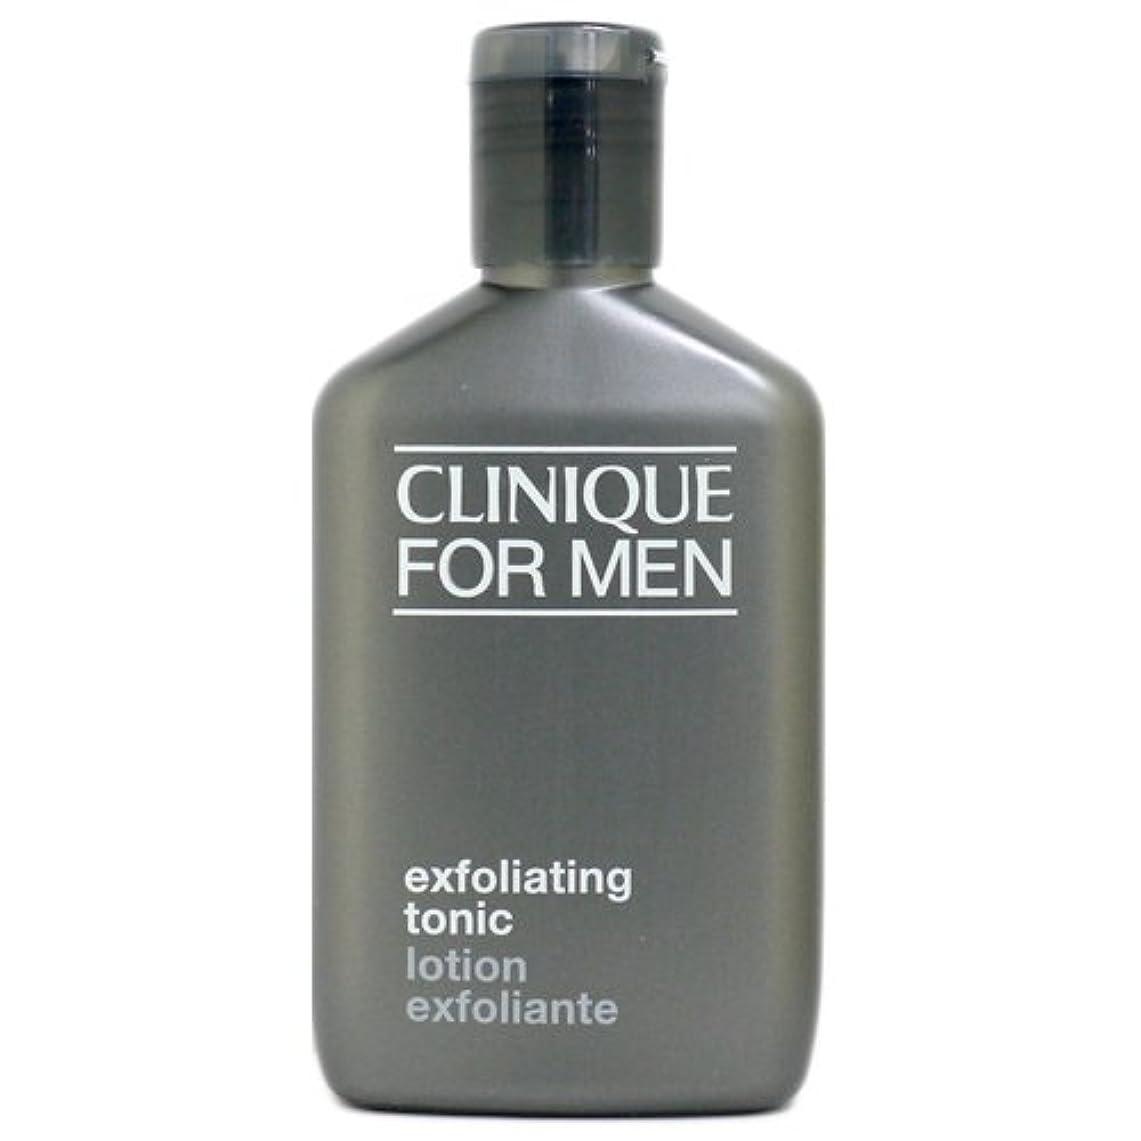 口述胃ライセンスクリニークフォーメン(CLINIQUE FOR MEN) エクスフォリエーティング トニック 200ml[並行輸入品]